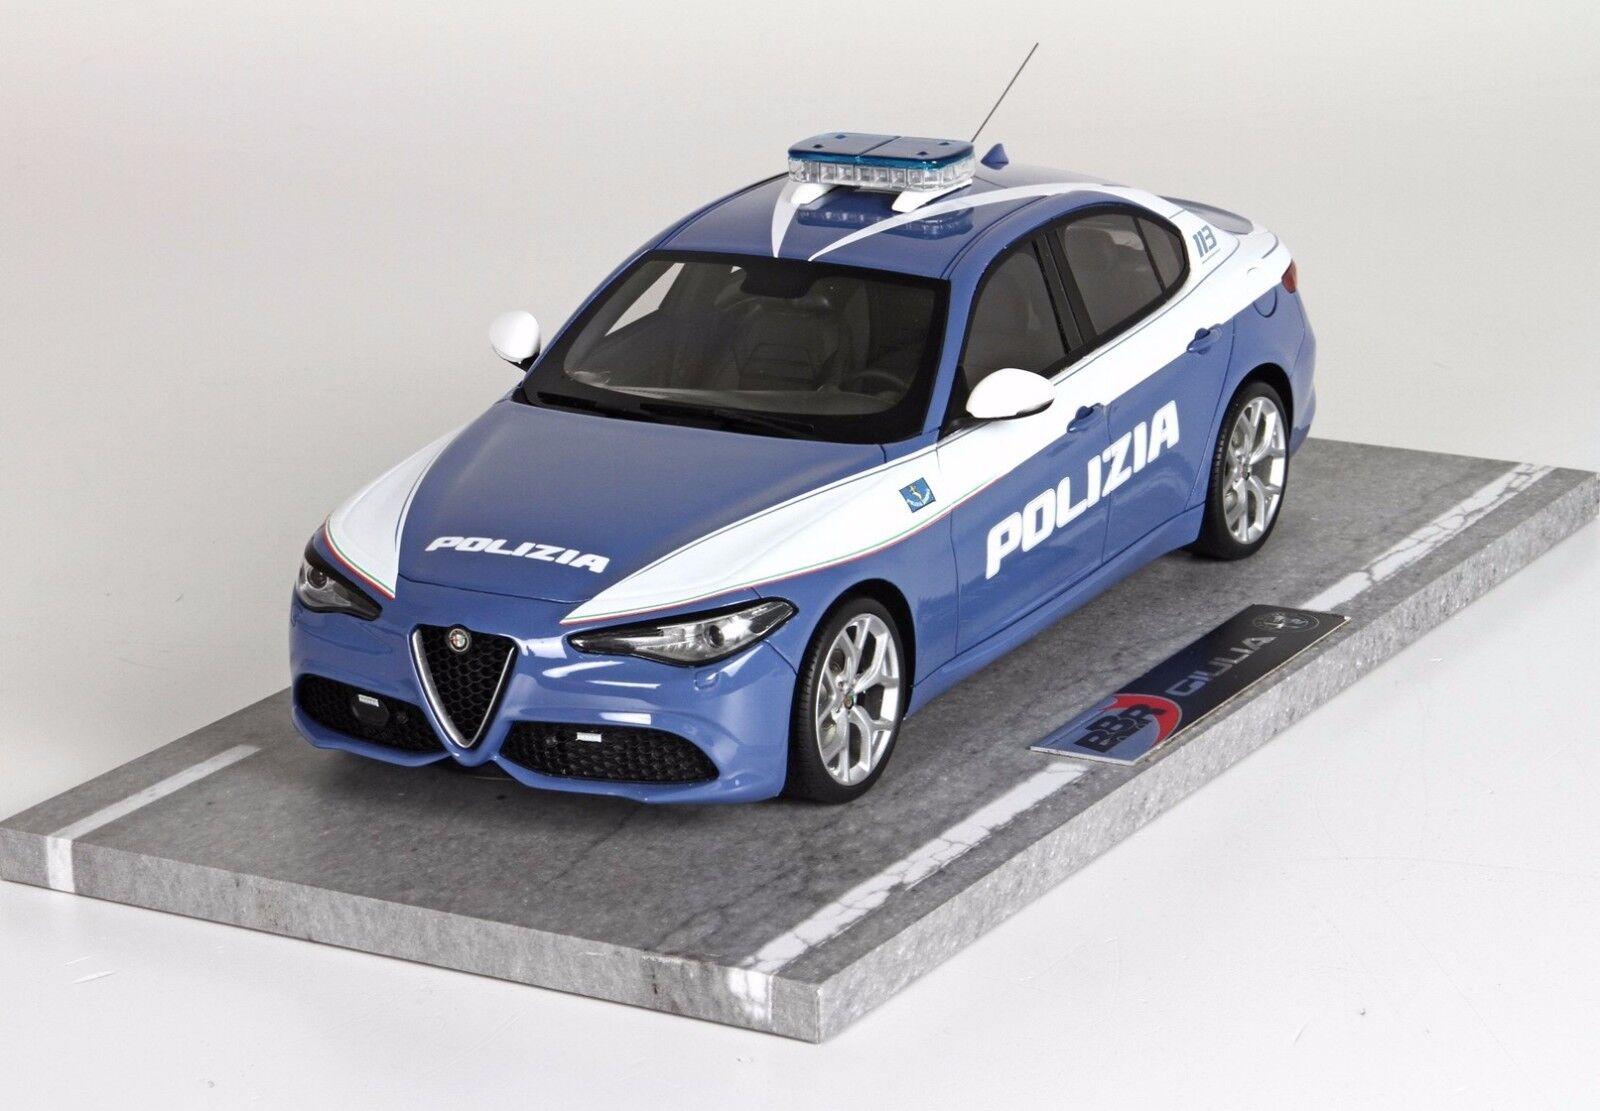 Alfa Romeo Giulia Fast Police Version 2016 1 18 Scale BBRC 1829 poles